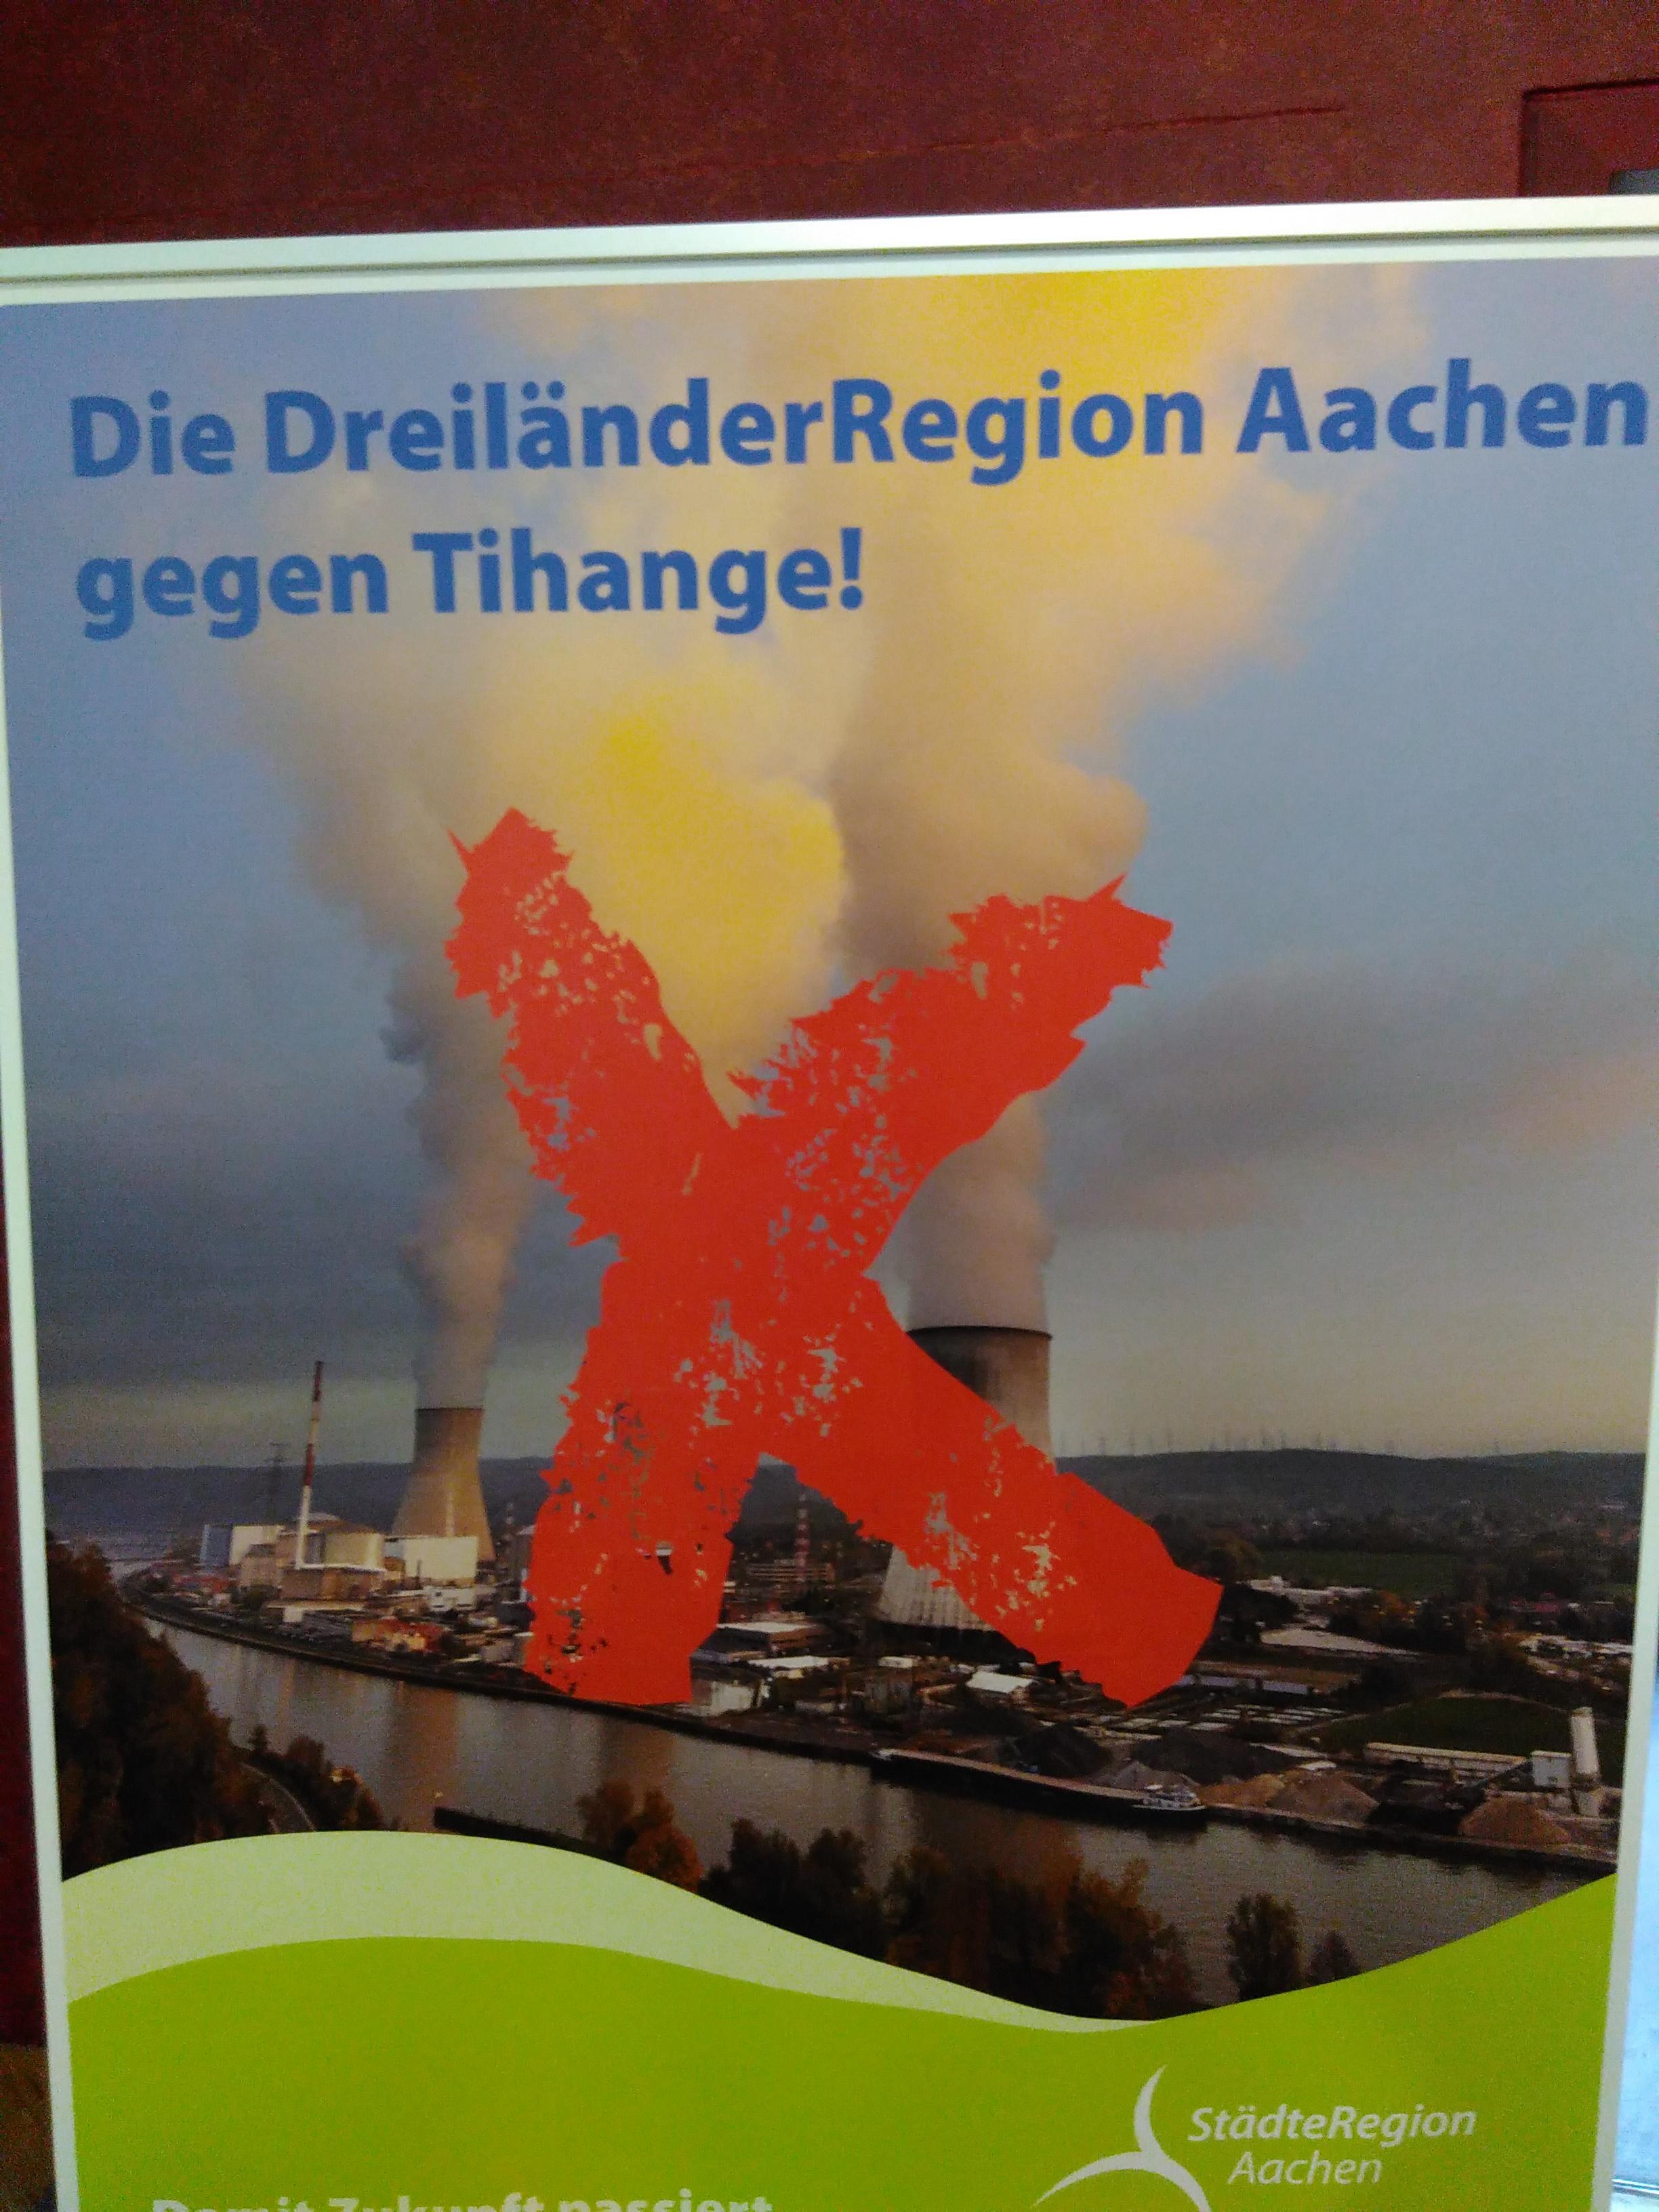 Mögliche radiologische Auswirkungen eines Versagens des Reaktordruckbehälters des  KKW Tihange 2 (Studie)